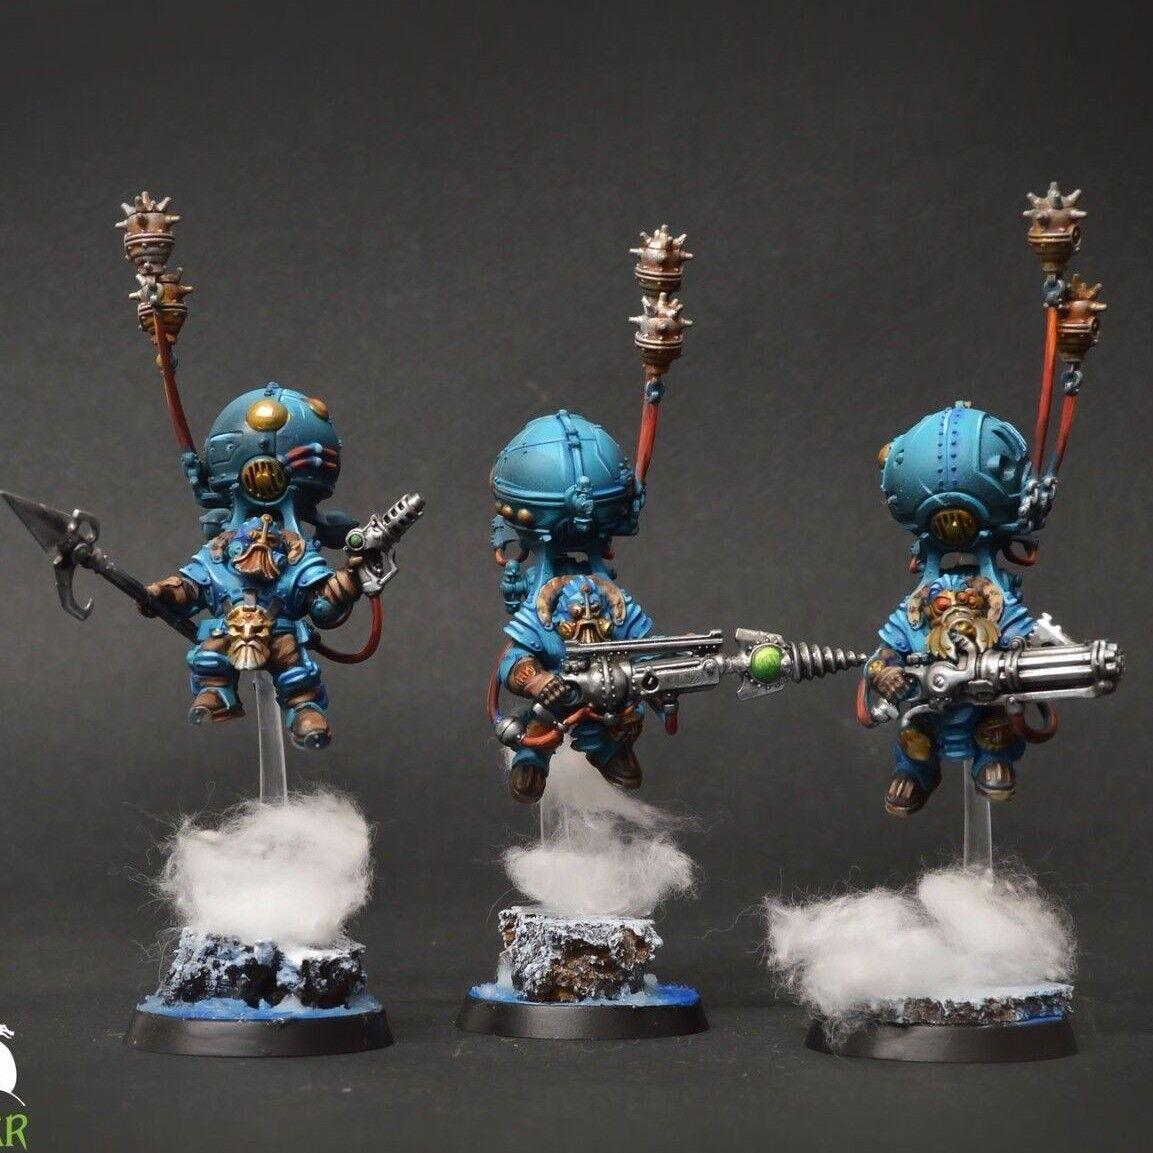 Kharadron señores skywardens Warhammer   Pro Pintura de comisión